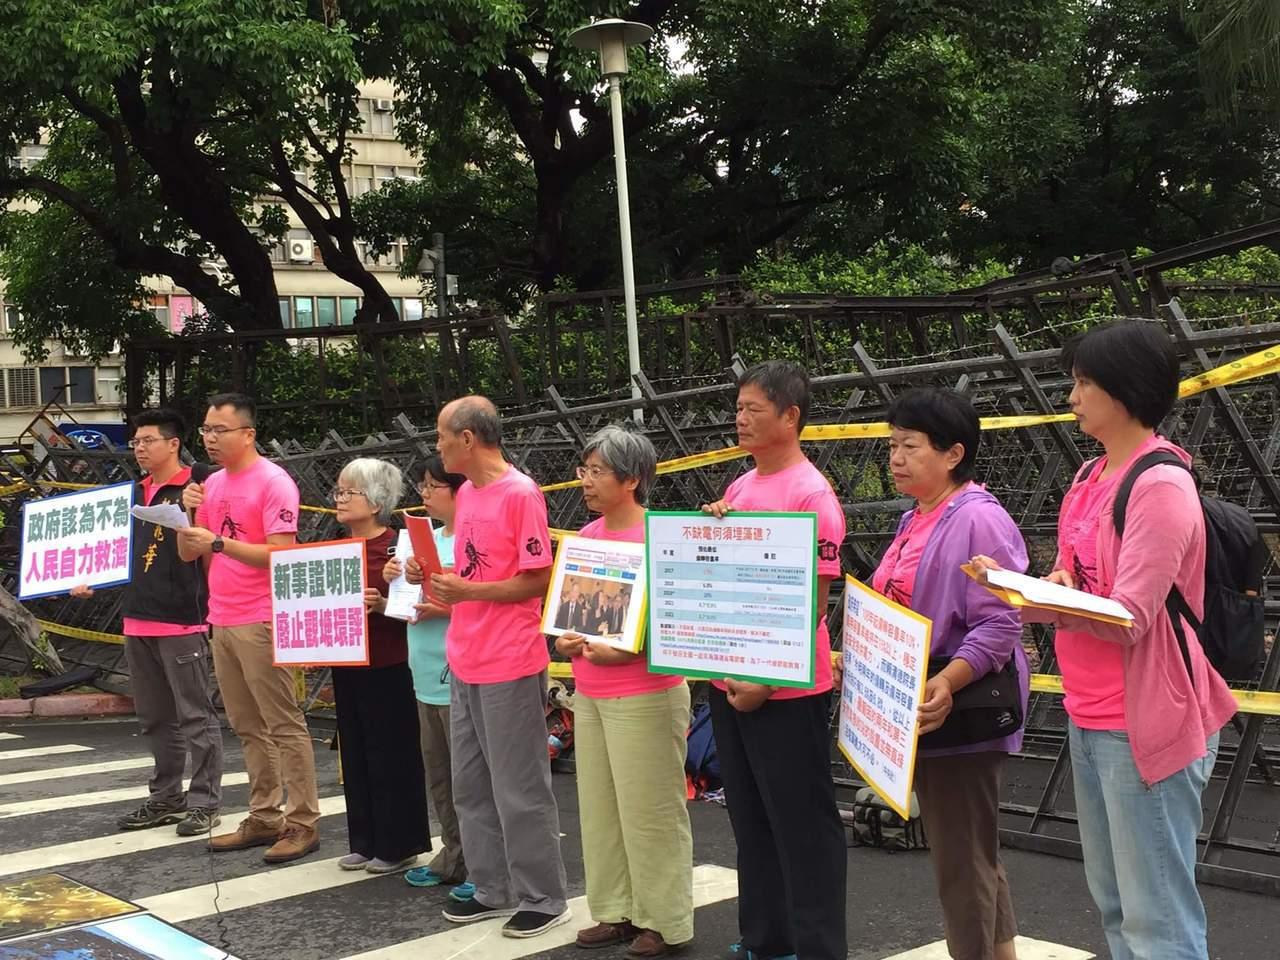 搶救大潭藻礁行動聯盟等團體聚集在行政院外,將提起訴願呼籲政府落實環境正義。圖/搶...